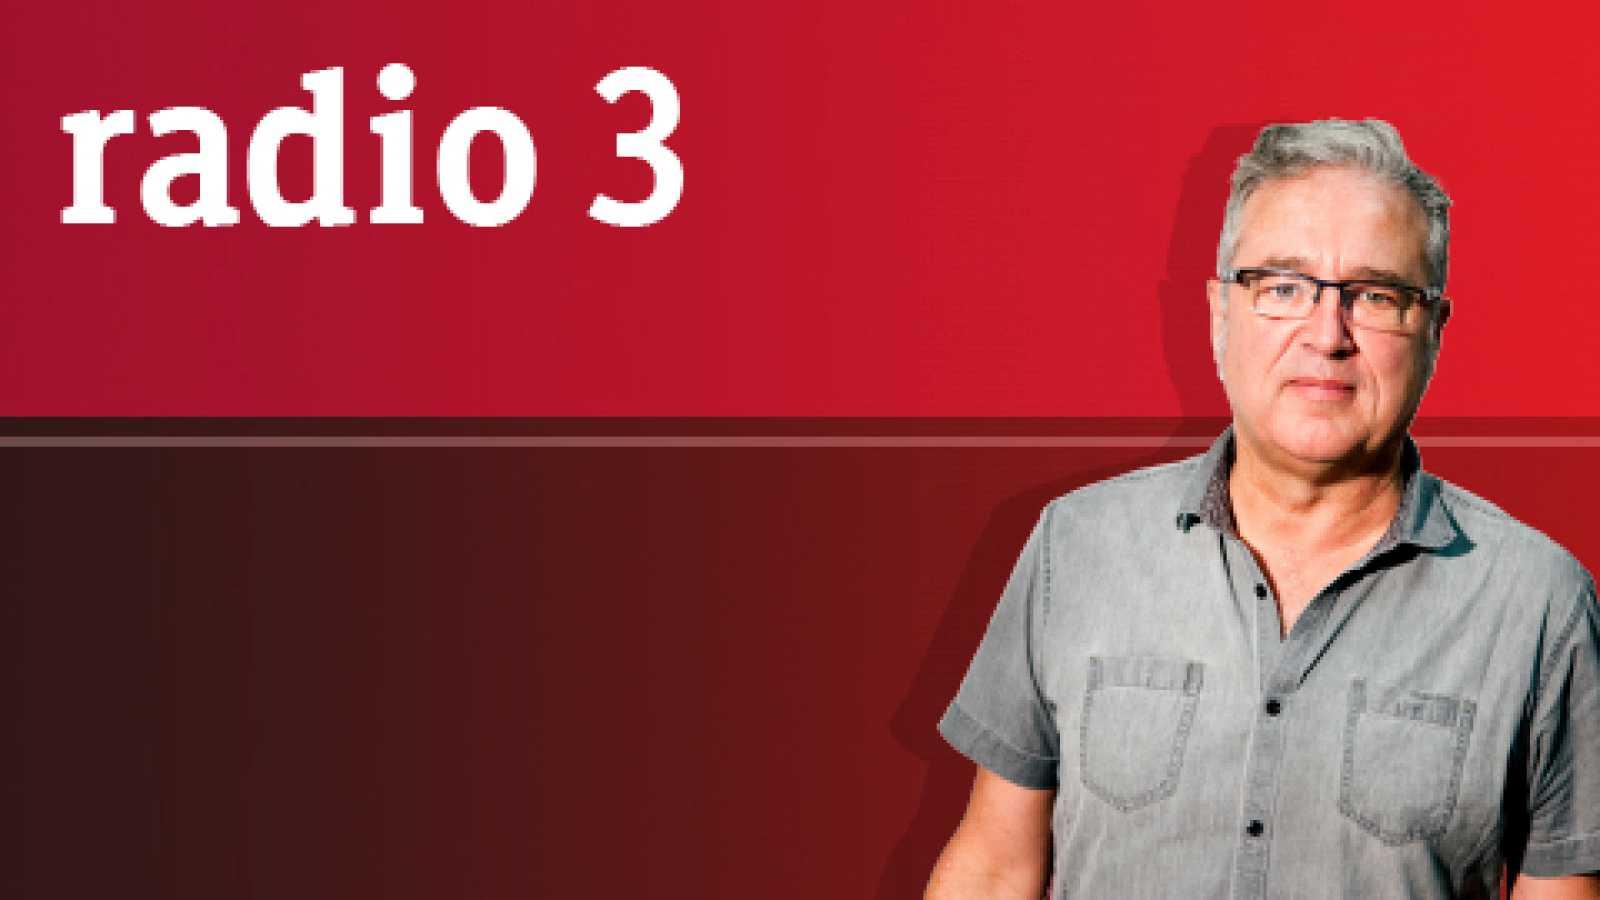 Tarataña - Los Cubero y los errantes telúricos - 21/02/21 - escuchar ahora